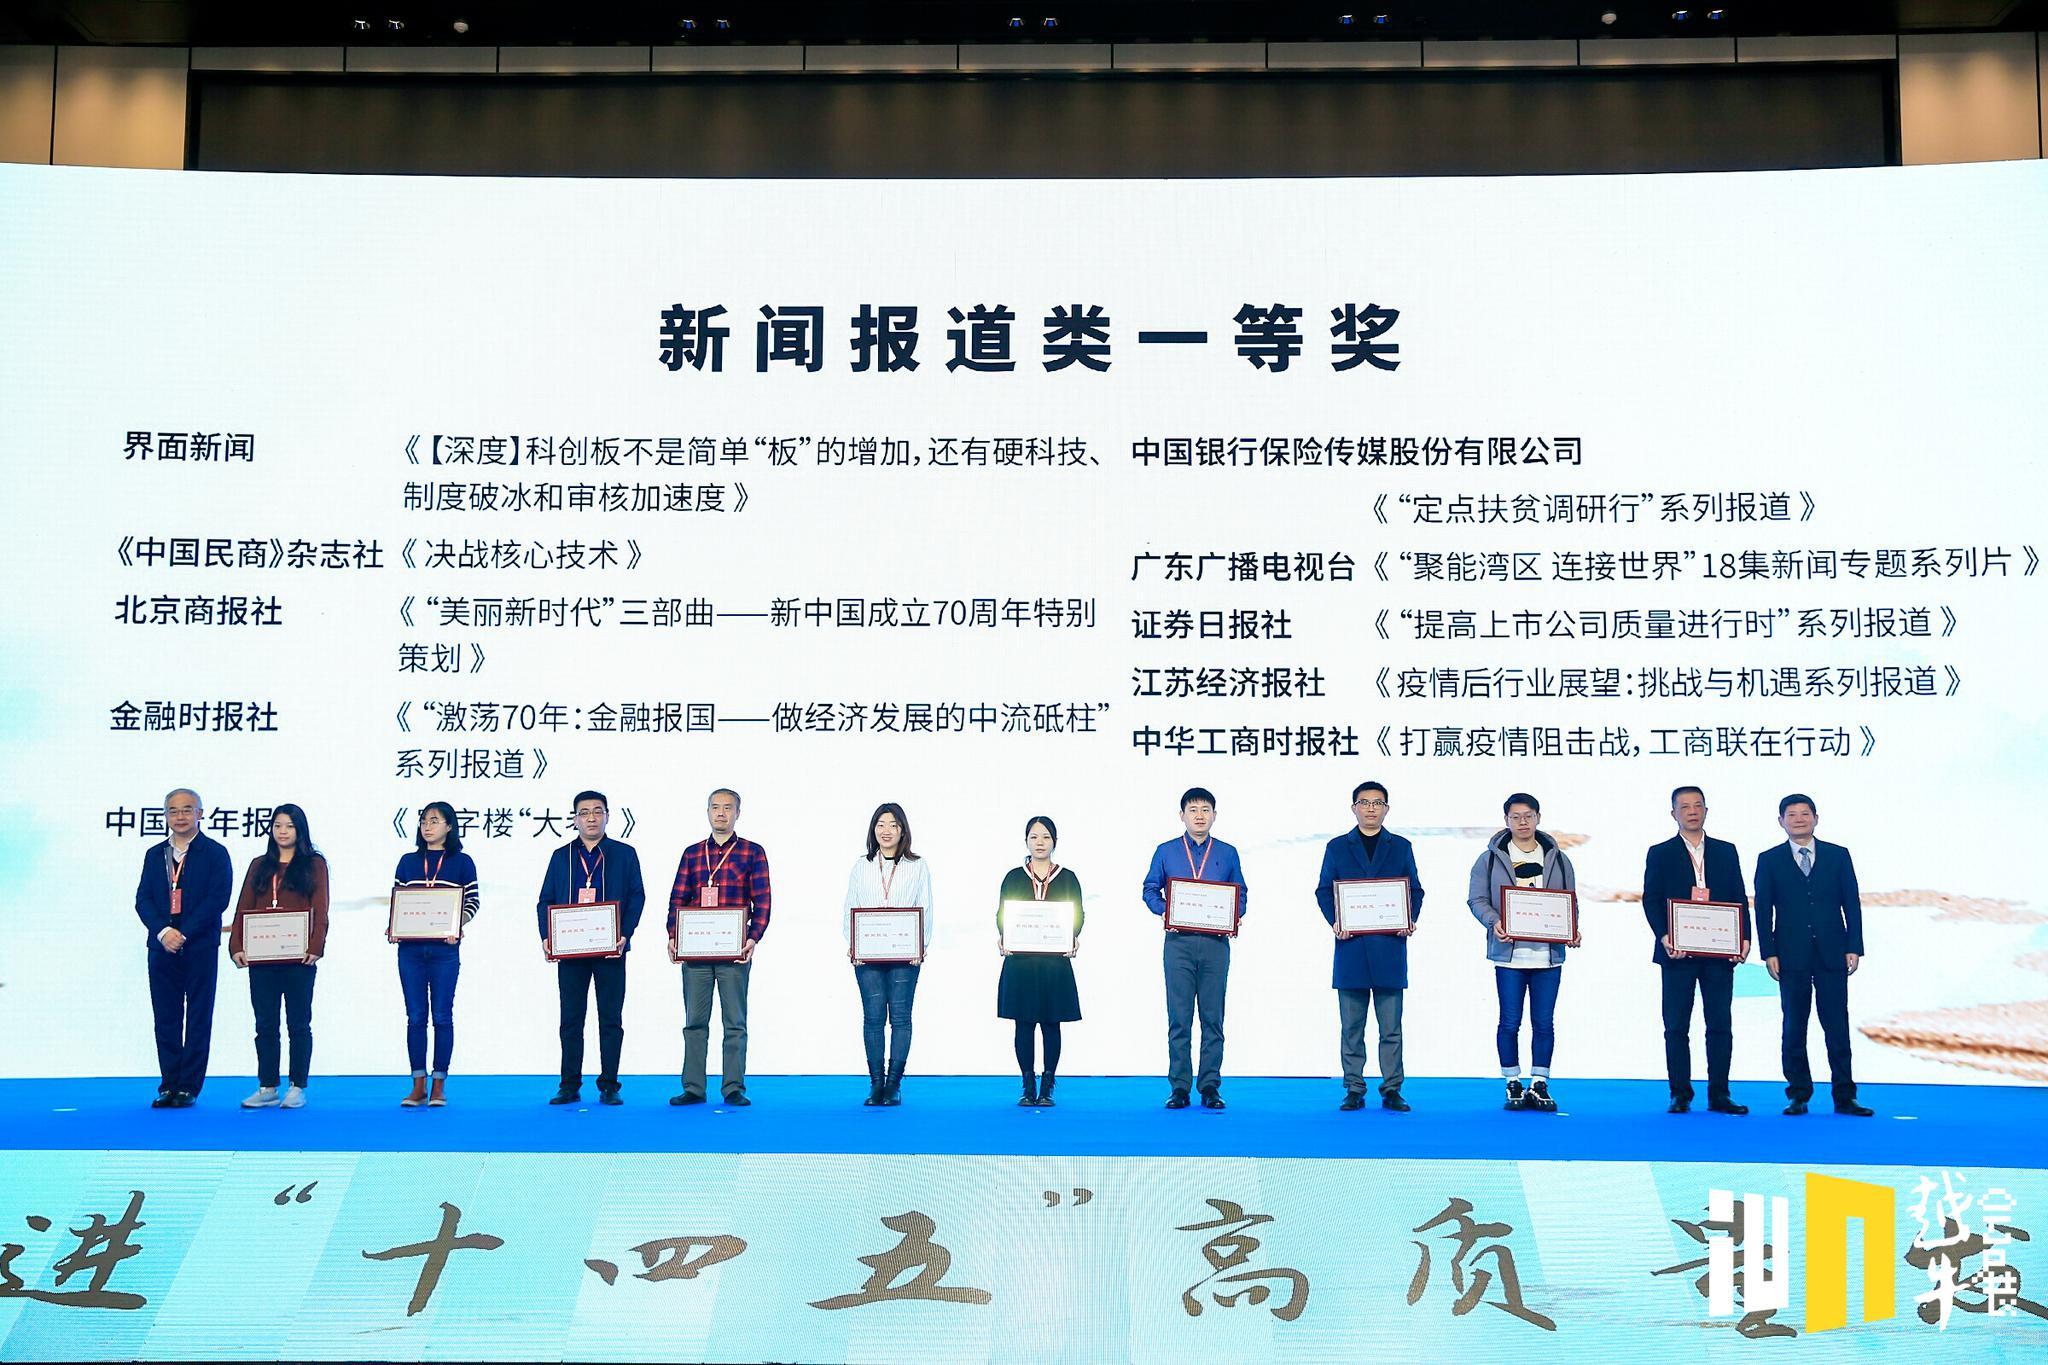 第32届中国经济新闻奖揭晓 证券日报5件作品分获一二三等奖